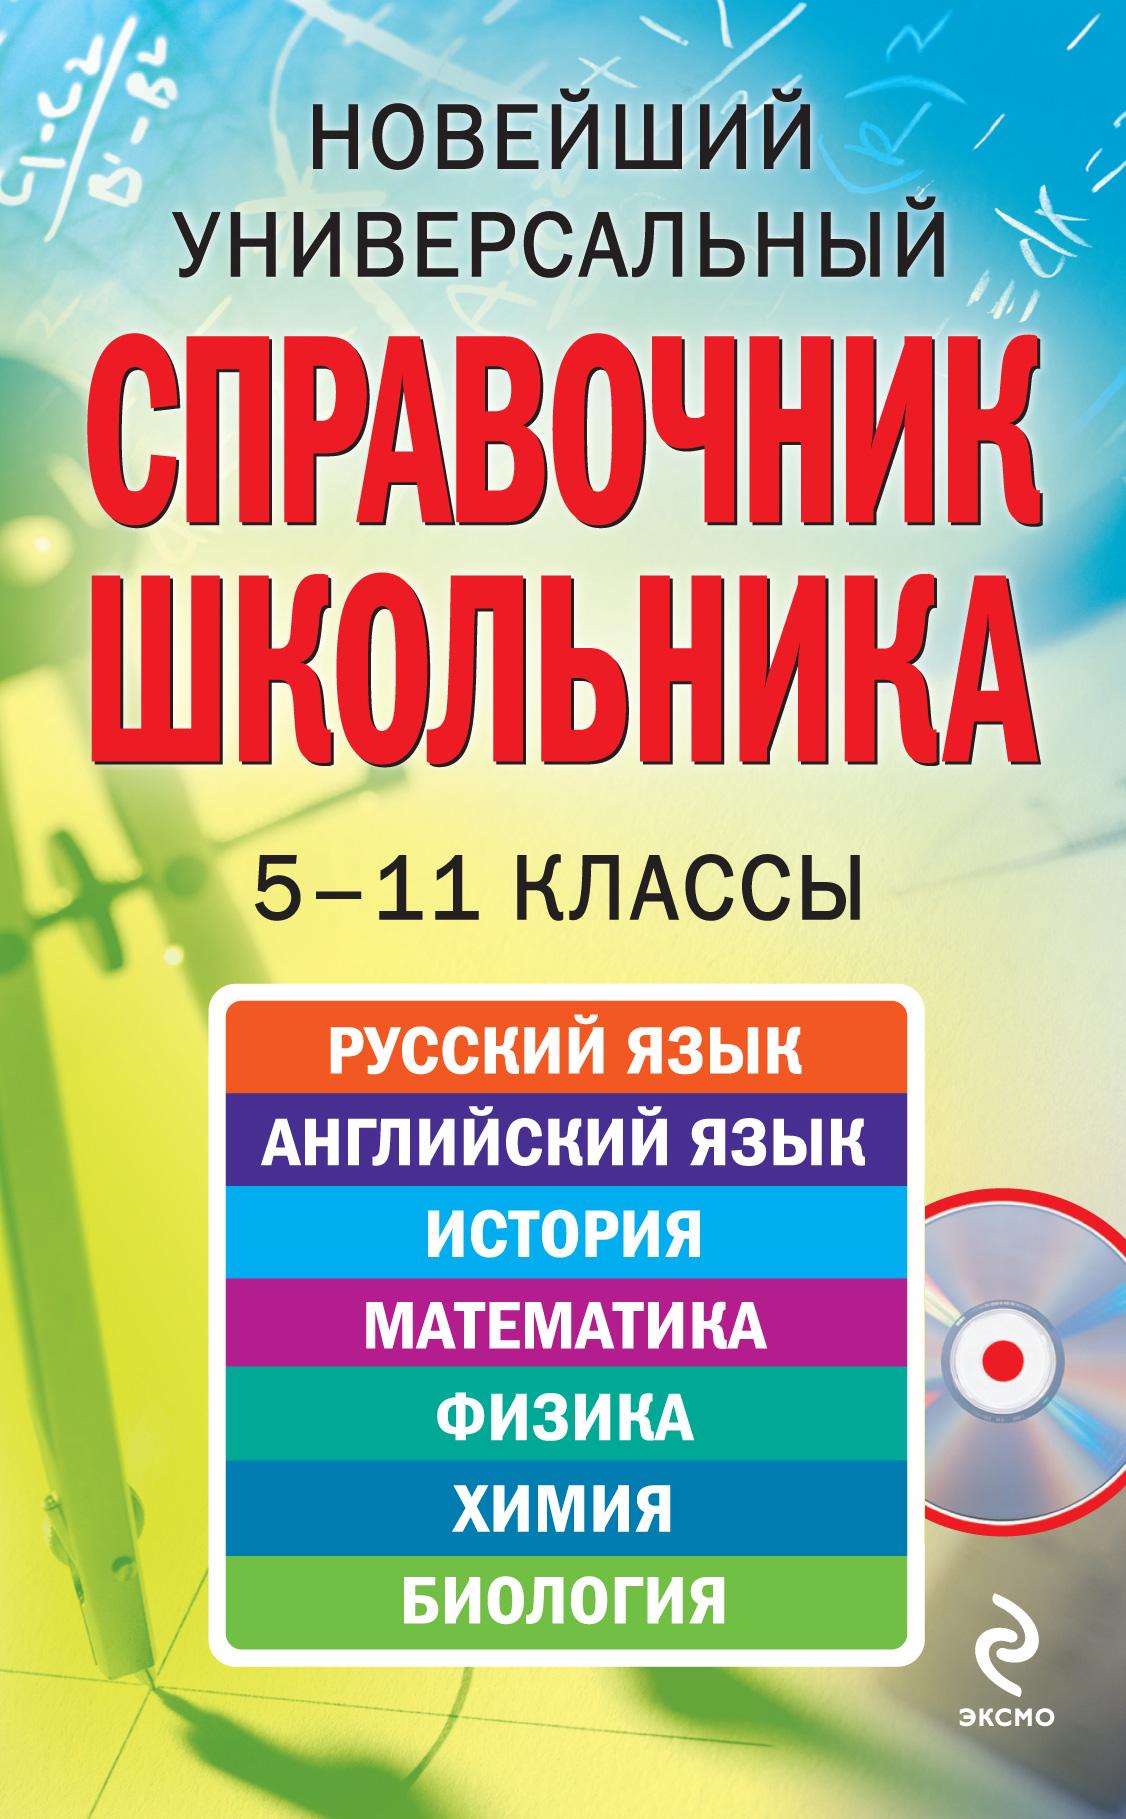 Коллектив авторов «Новейший универсальный справочник школьника: 5-11 классы»